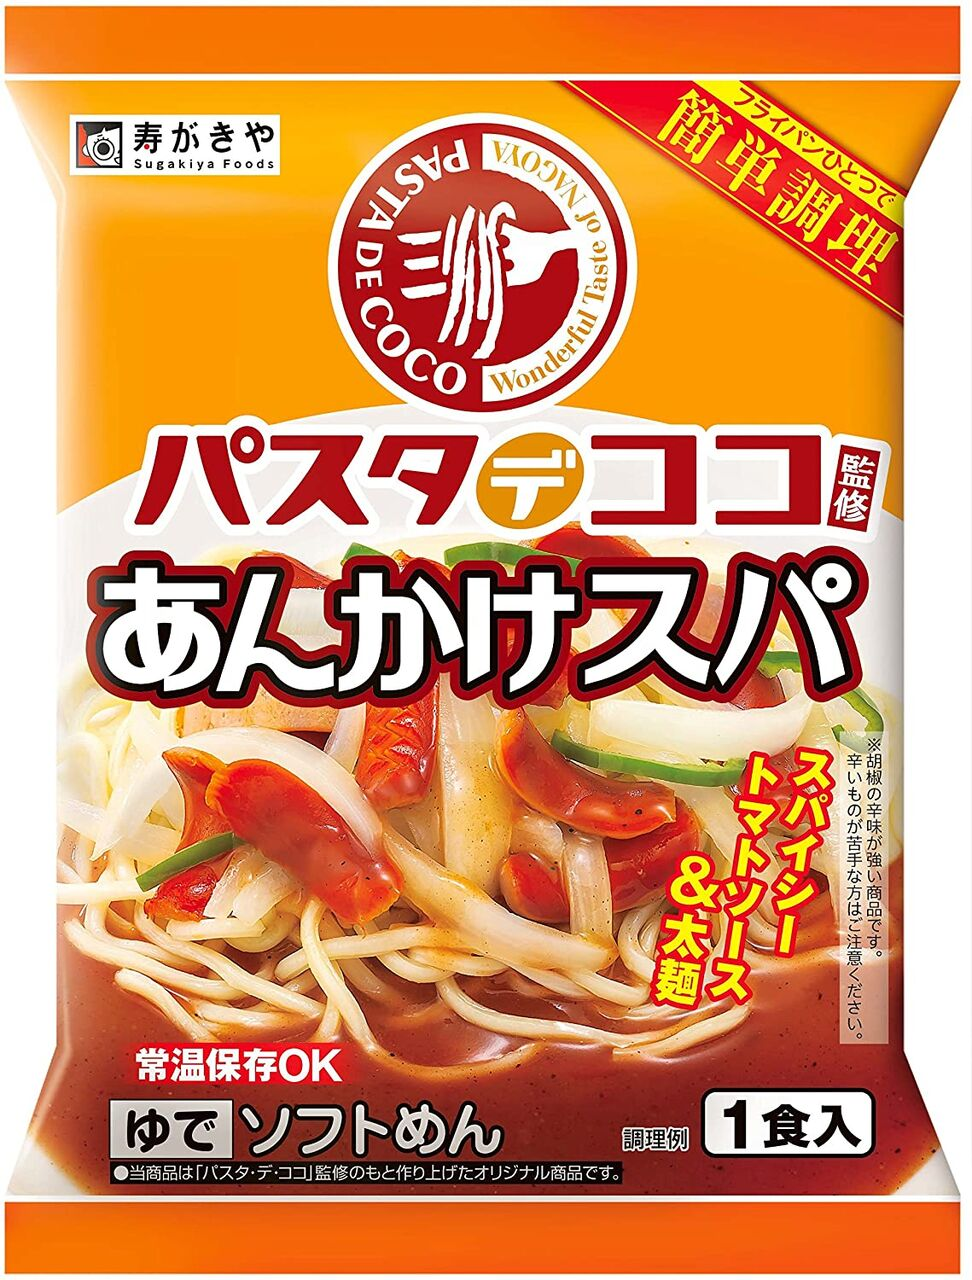 【画像】関東人「名古屋飯?大体こんな感じだろw」 味噌県民さぁ、これええんか?